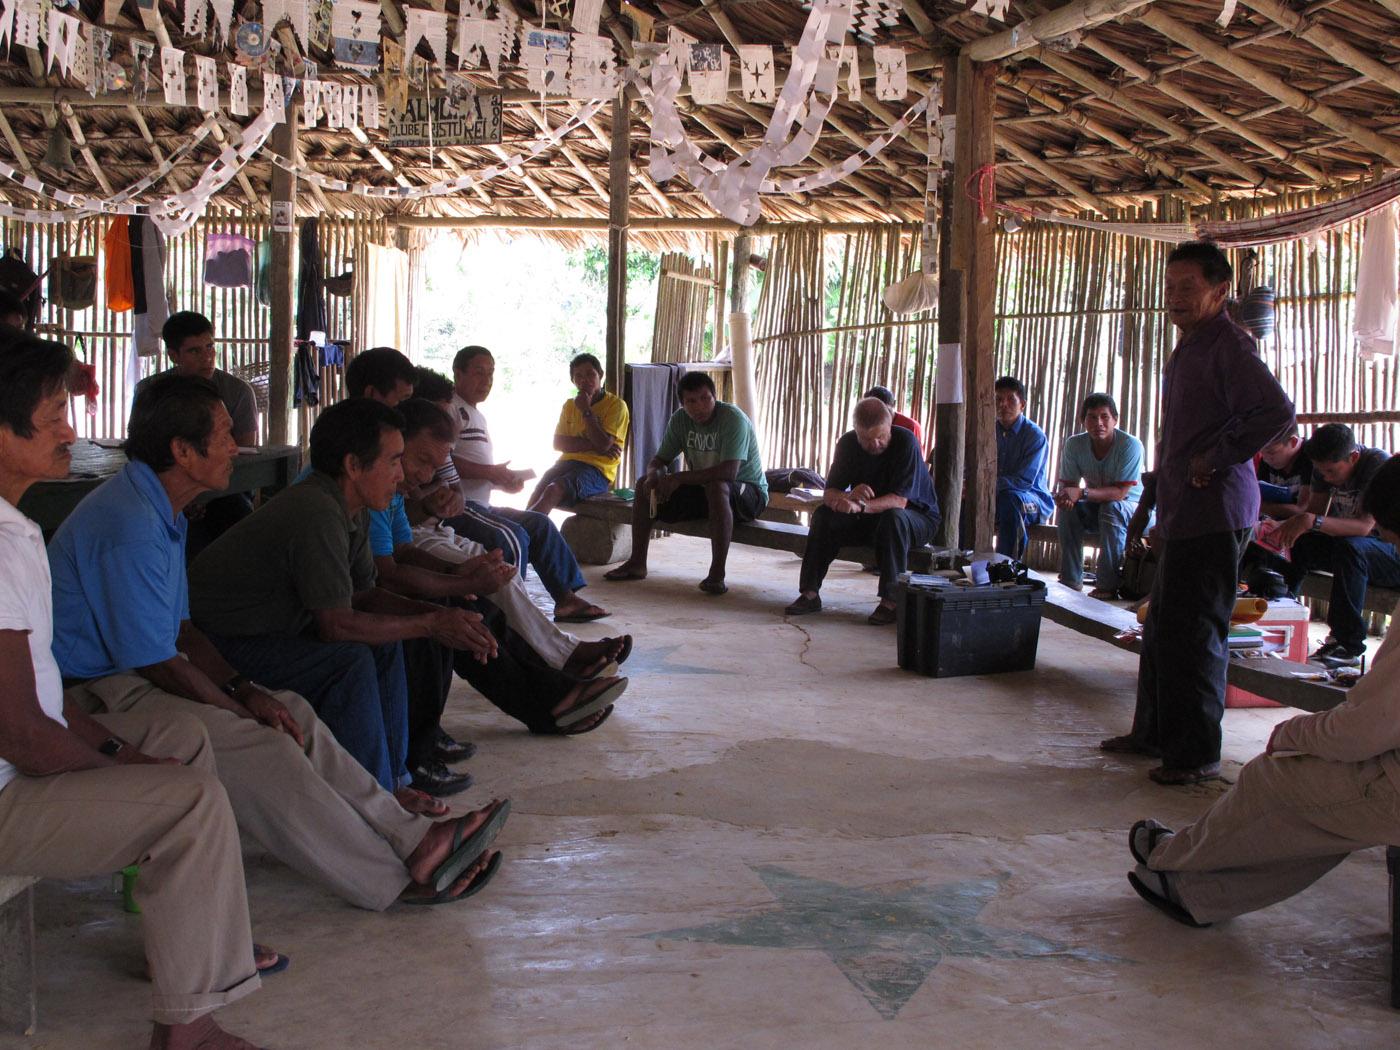 Os kumuã, intelectuais indígenas, do Rio Tiquié. (Foto: Aloísio Cabalza/ISA)